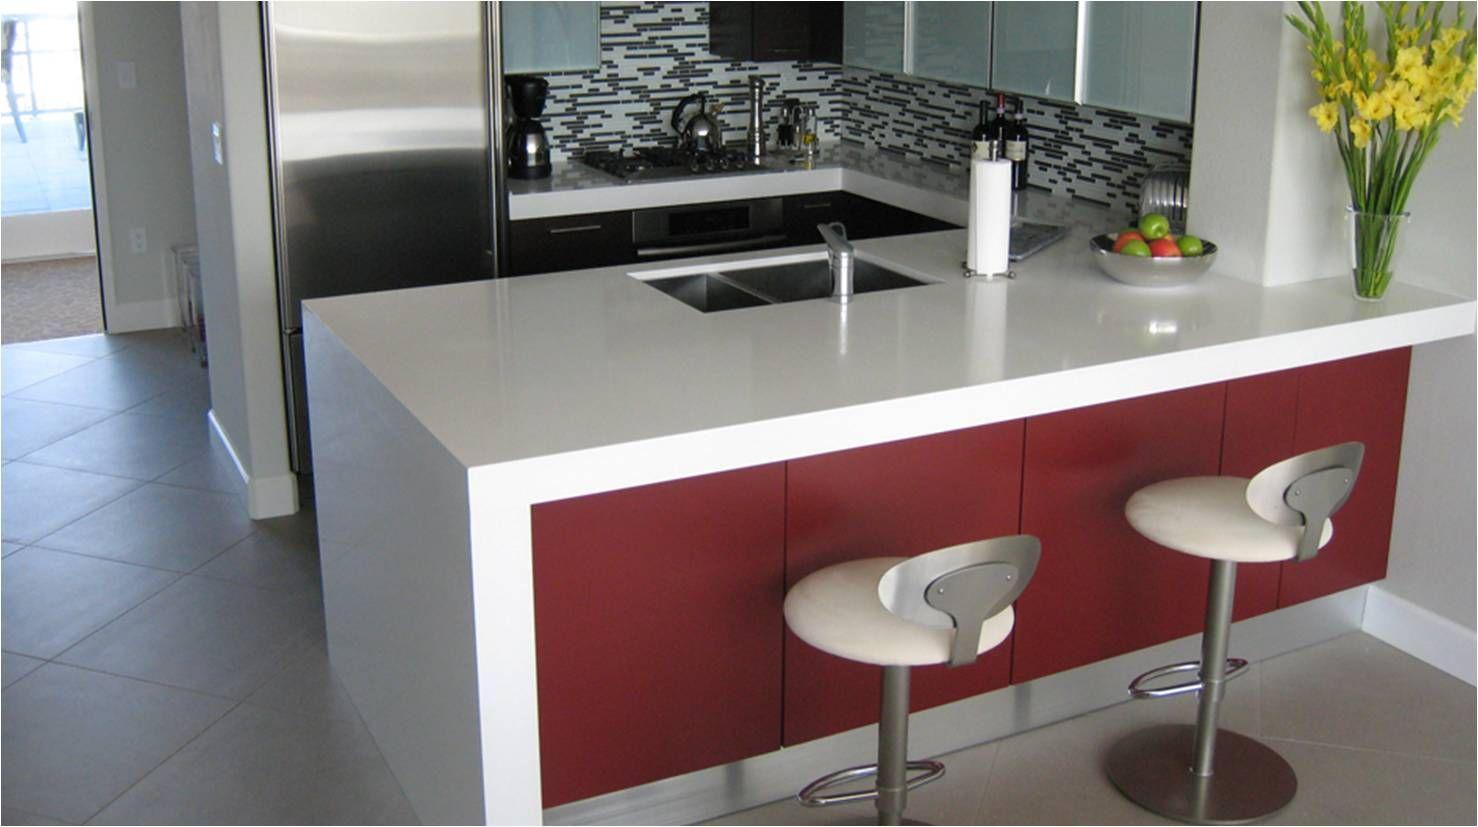 quarzstein arbeitsplatten bieten viele gestaltungsmöglichkeiten in, Badezimmer ideen